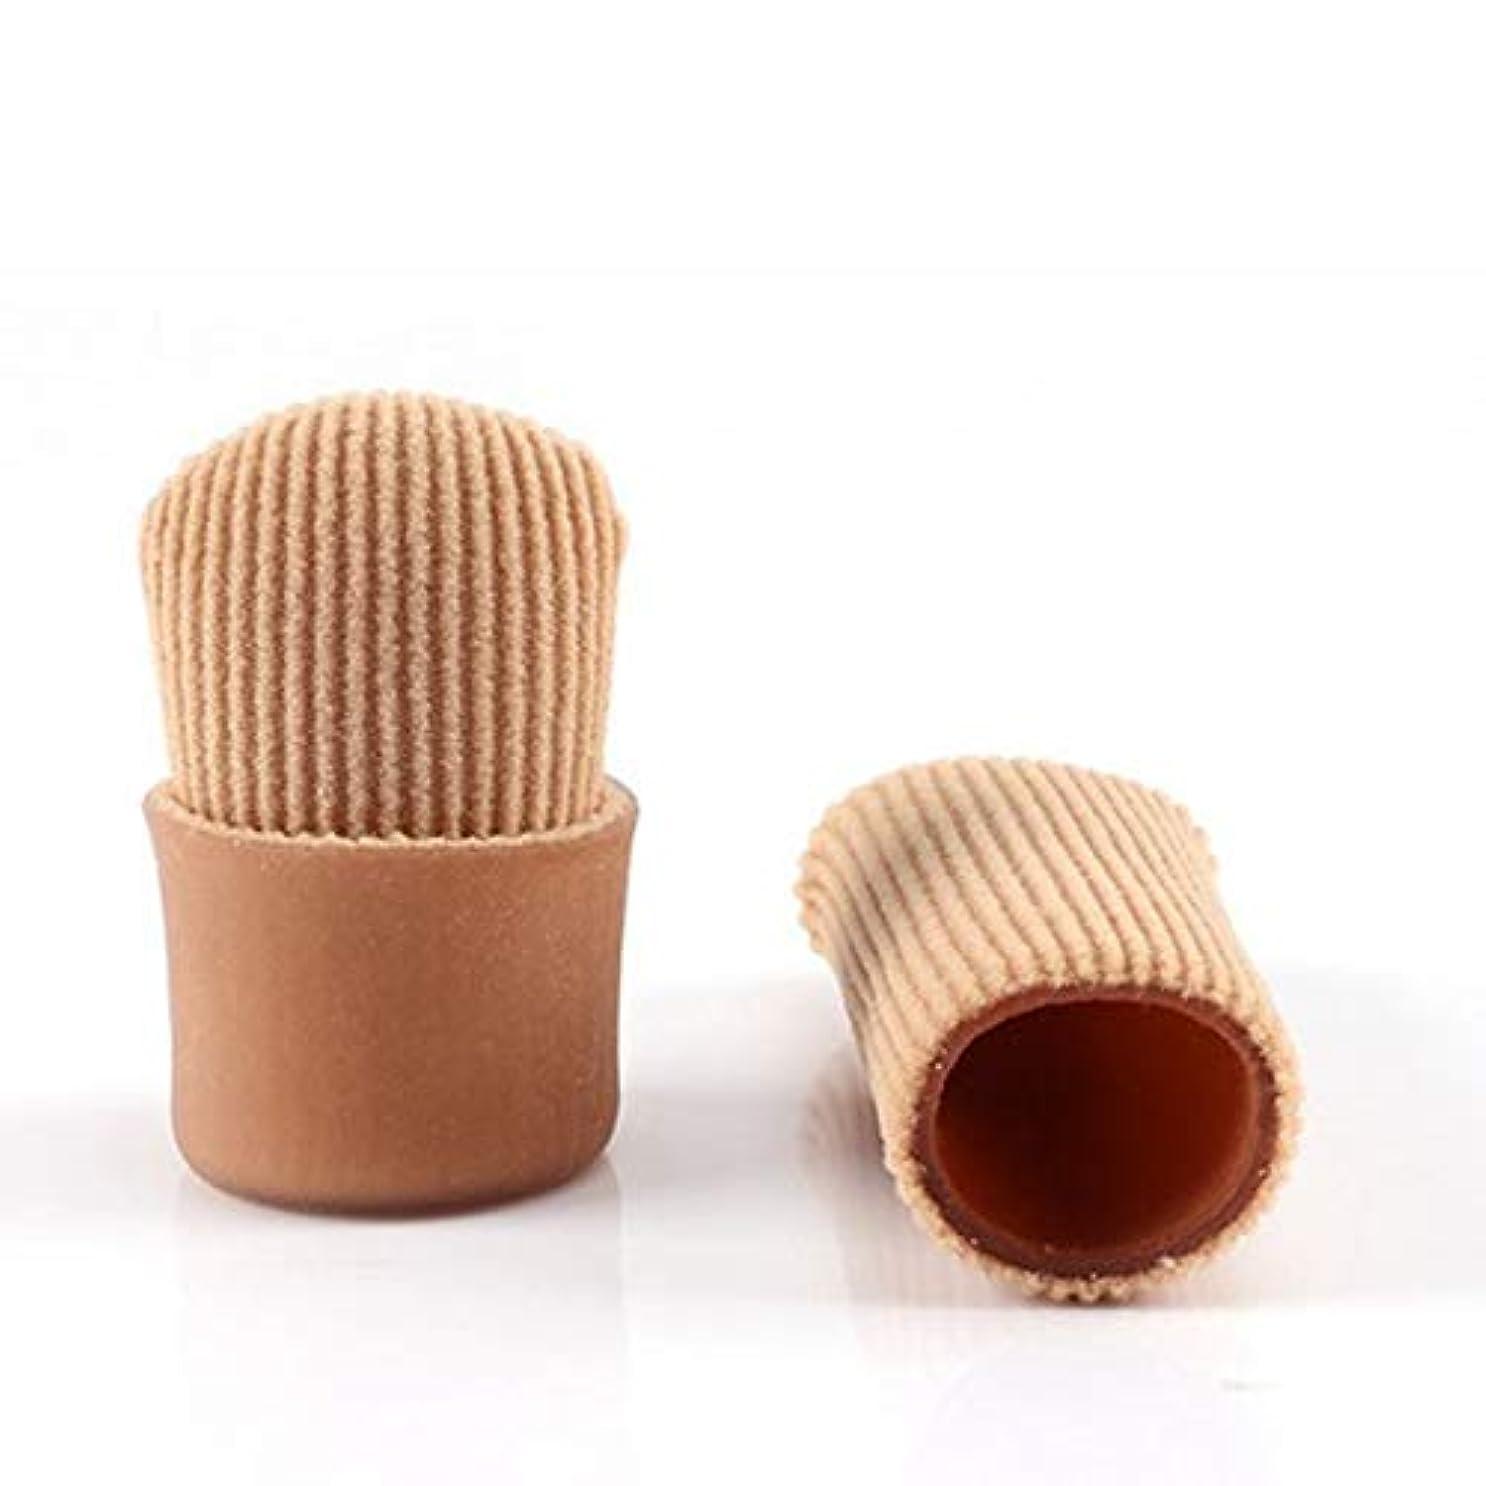 先生誤解させるヒットOpen Toe Tubes Gel Lined Fabric Sleeve Protectors To Prevent Corns, Calluses And Blisters While Softening And...